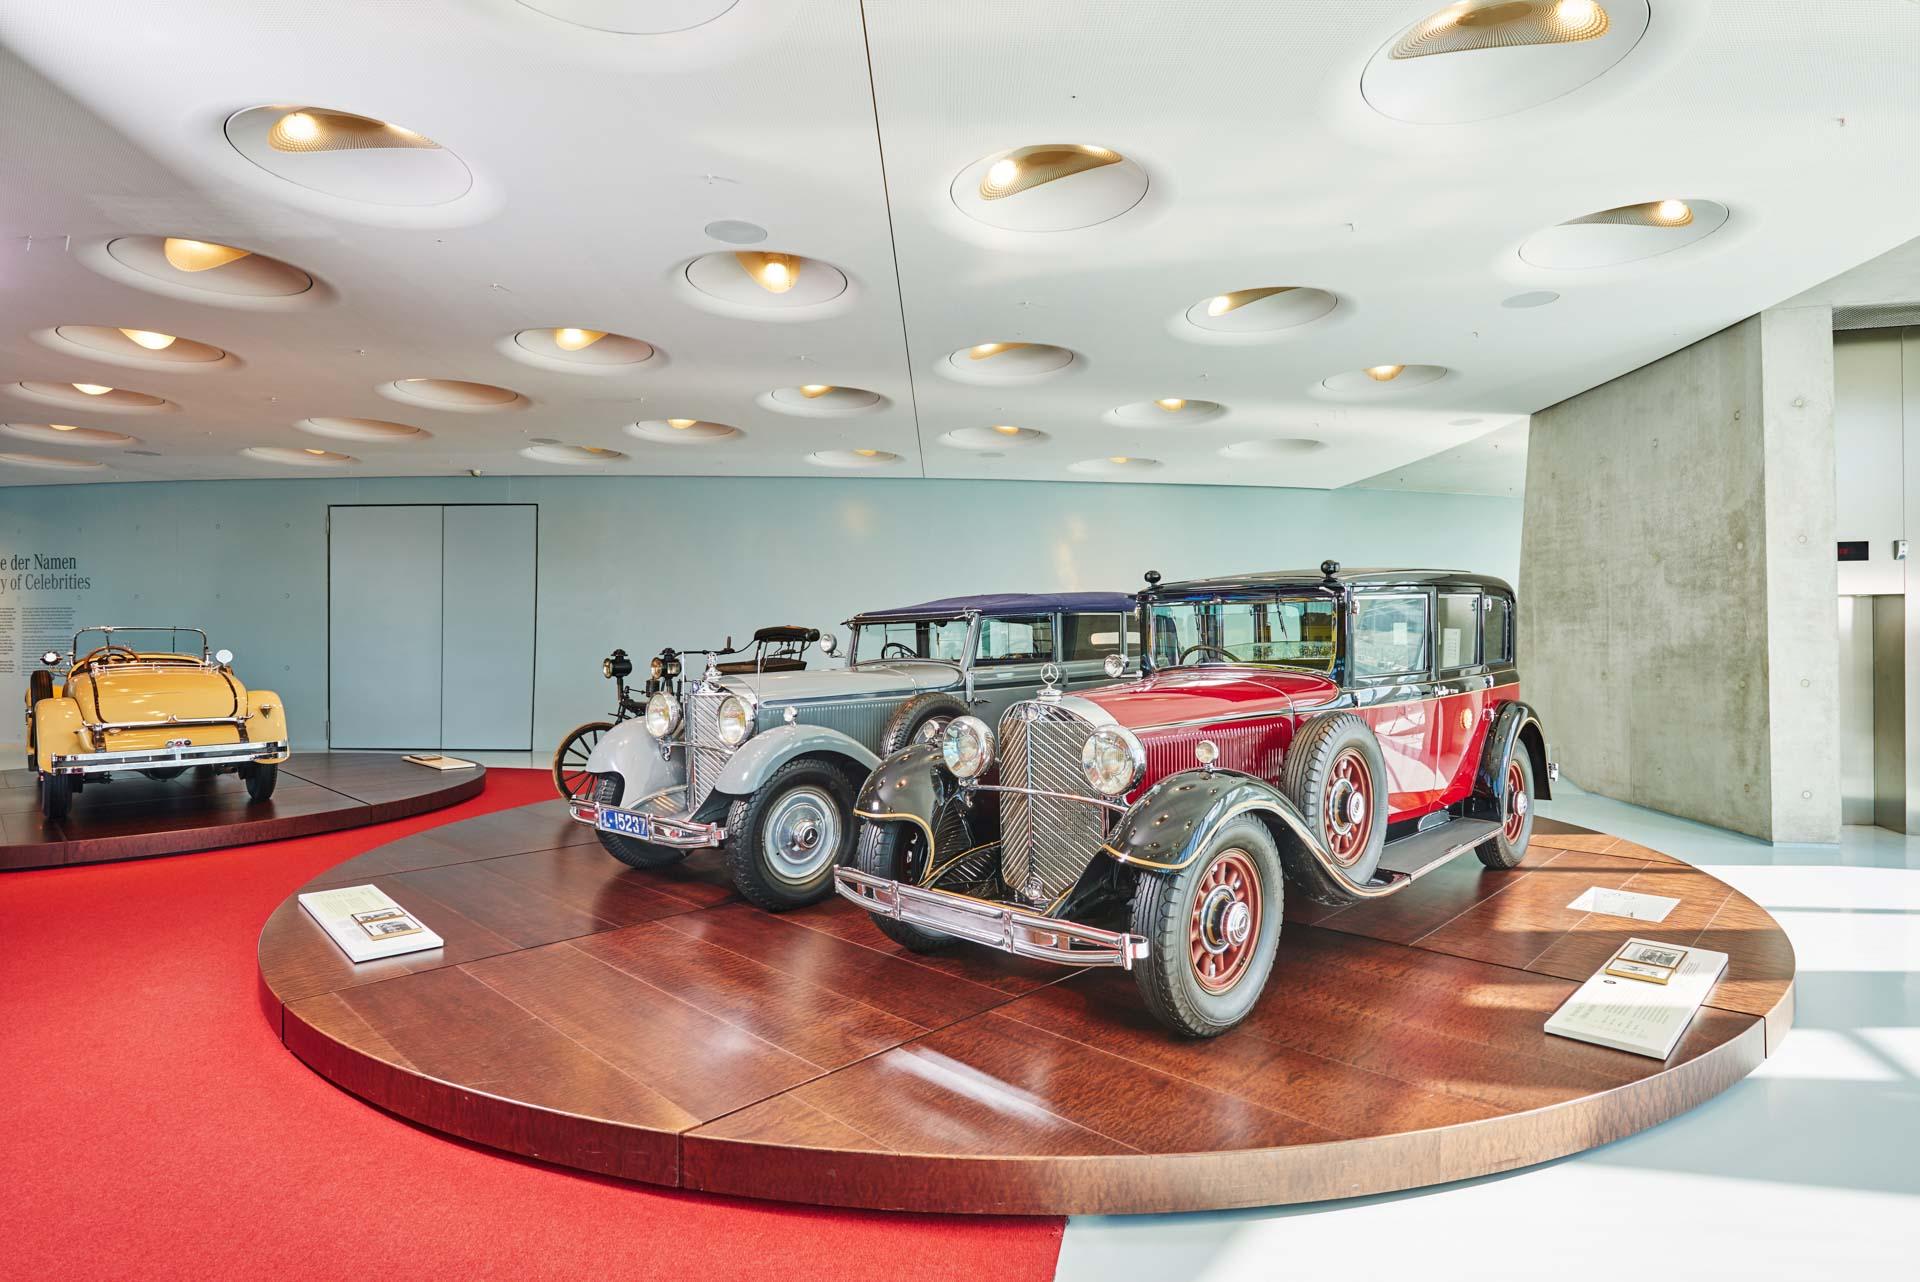 """Mercedes-Benz 770 """"Großer Mercedes"""" Pullman-Limousine des japanischen Kaisers Hirohito. Das 1935 ausgelieferte Fahrzeug mit dem Chrysanthemen-Wappen des Kaisers auf den Türen stammt aus einem halben Dutzend Pullman-Limousinen des Typs """"Großer Mercedes"""", die der Kaiserhof in den 1930er-Jahren kauft. Heute gehört das luxuriöse Repräsentationsfahrzeug mit Sonderschutz zur Dauerausstellung des Mercedes-Benz Museums im Raum """"Collection 4: Galerie der Namen"""". Direkt daneben: der nicht minder repräsentative Mercedes-Benz 770 """"Großer Mercedes"""" Cabriolet F von Kaiser Wilhelm II. aus dem Jahr 1932."""